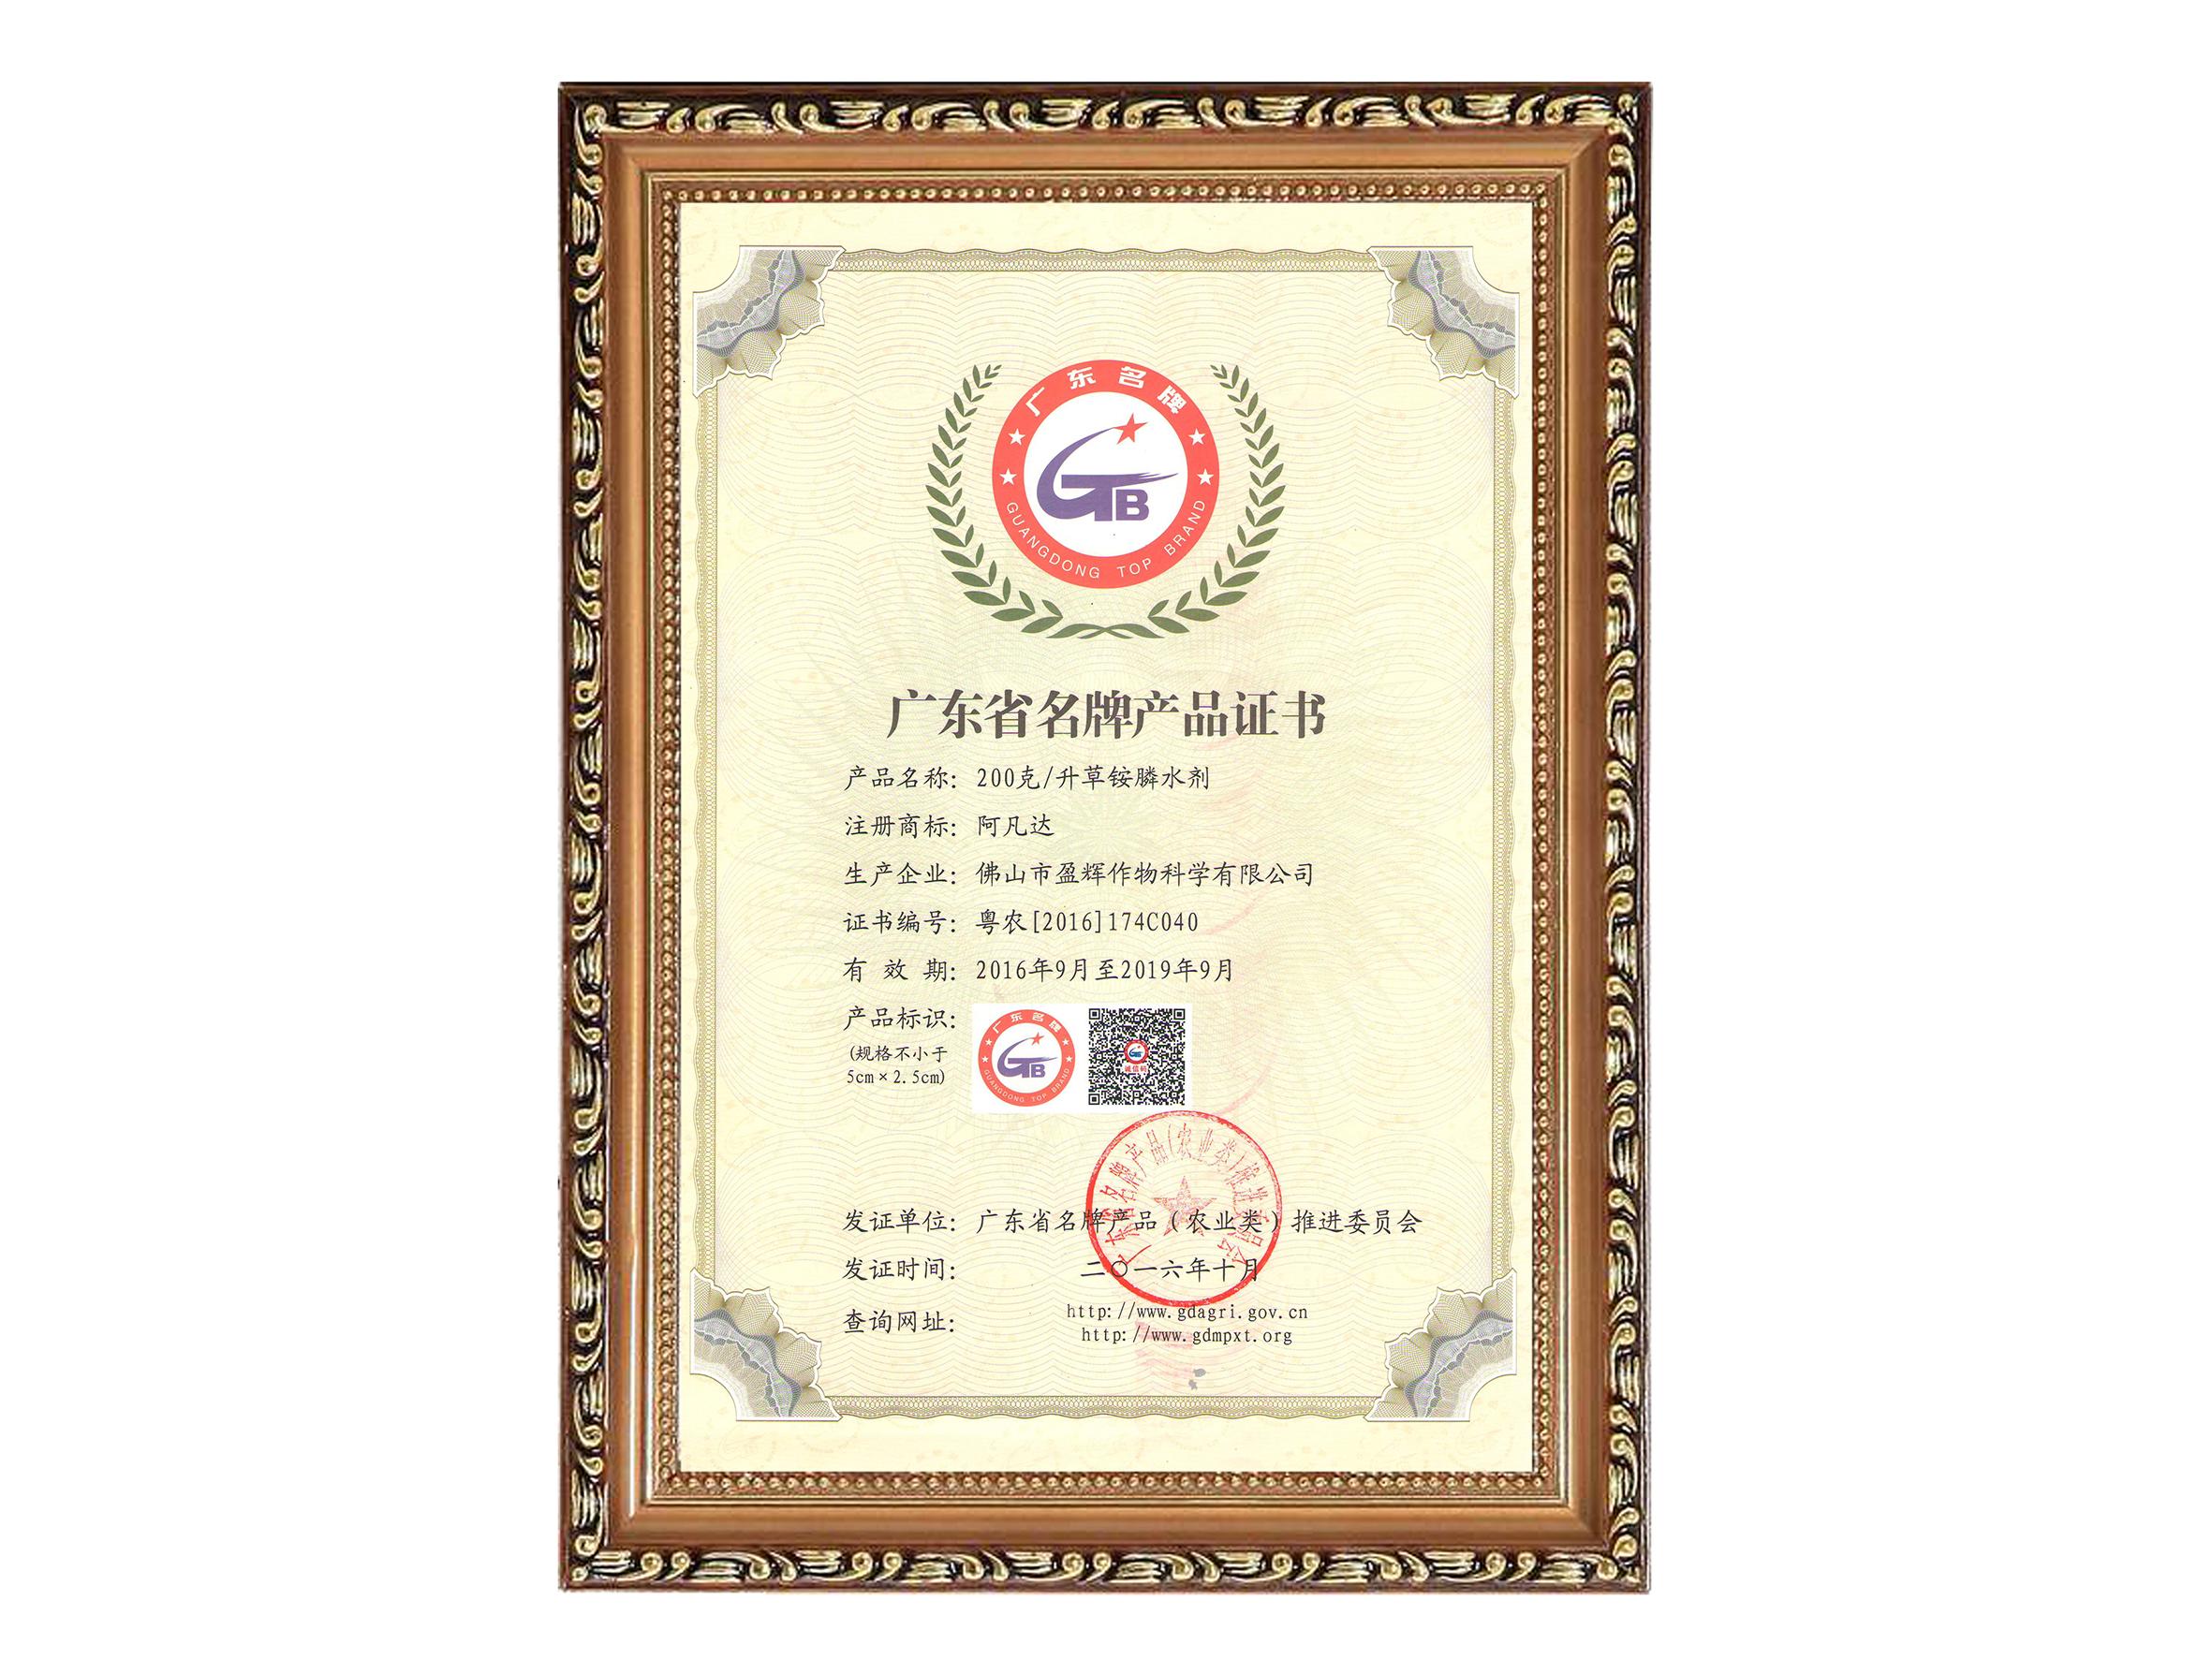 阿凡达-广东省名牌产品-2016